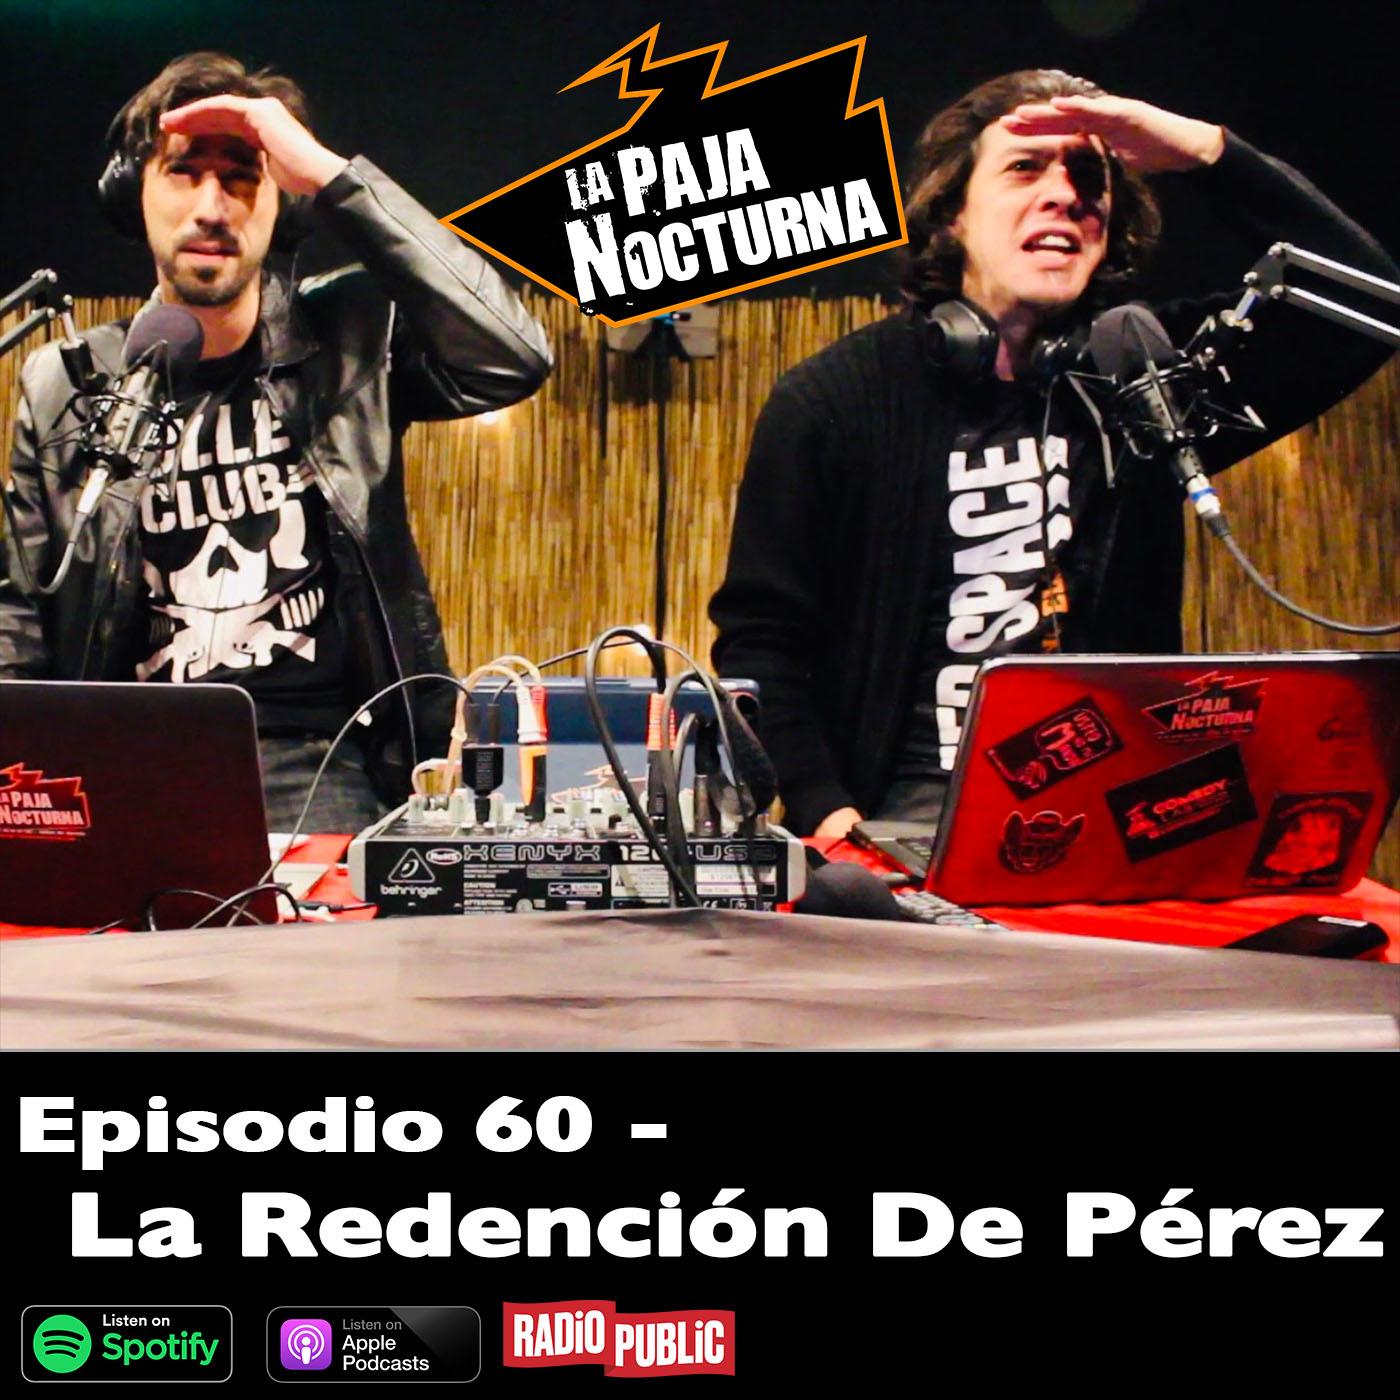 La paja nocturna podcast Episodio 60